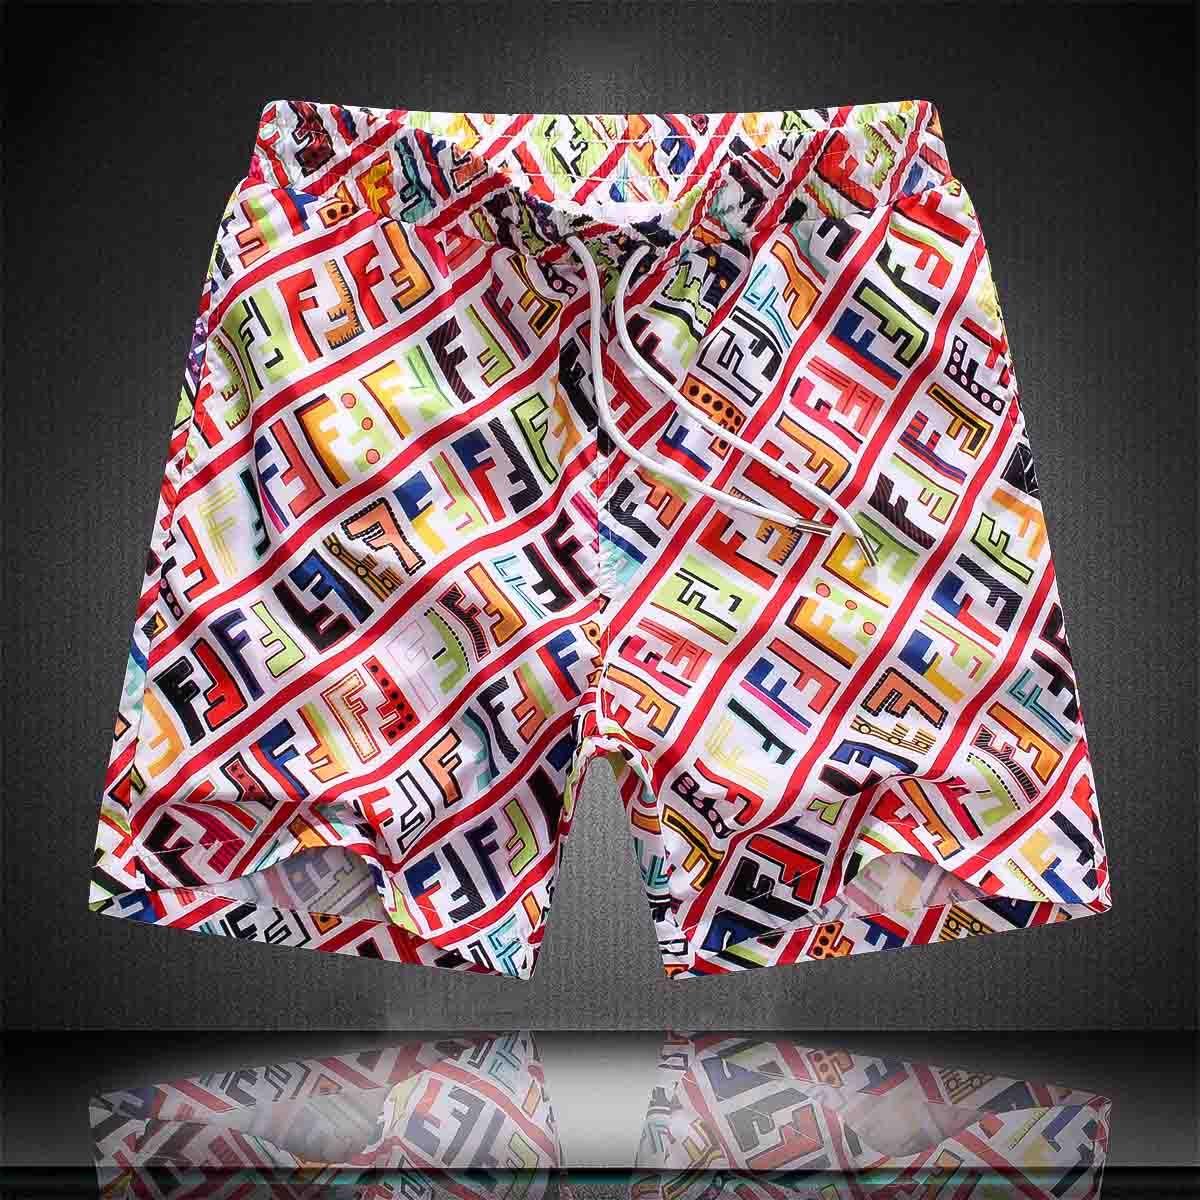 Herren Designer-Shorts Sommermens kurze Hosen Marken Kleidung Bademode Nylon Männer Brands Strand Shorts Kleine Pferde Swimabnutzung Brett p3 schwimmen